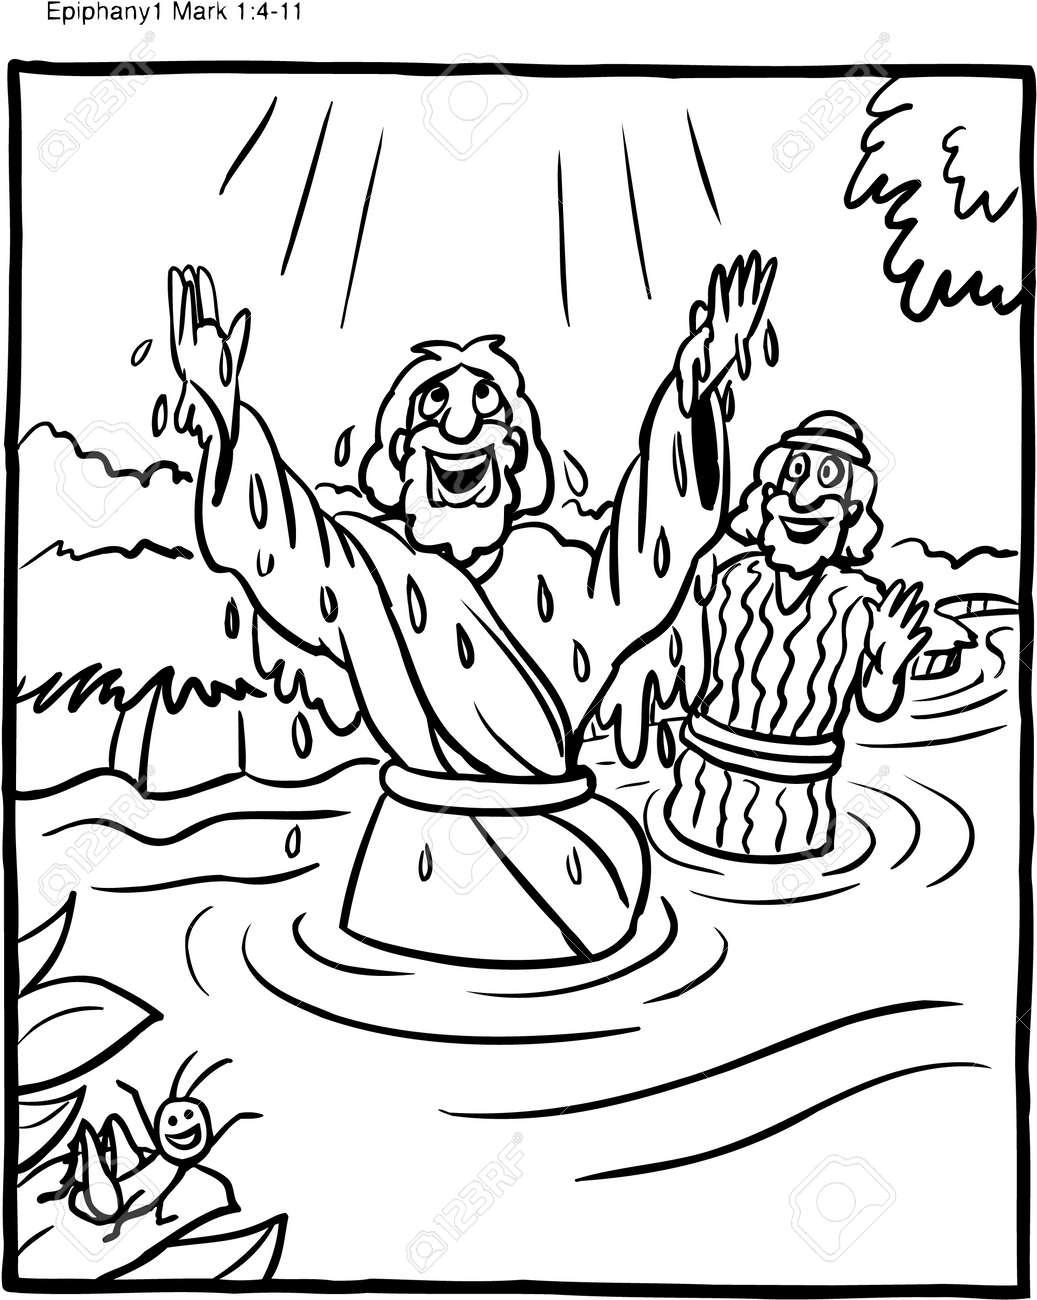 Epiphany - Catholic Coloring Pages - The Catholic Kid | 1300x1036